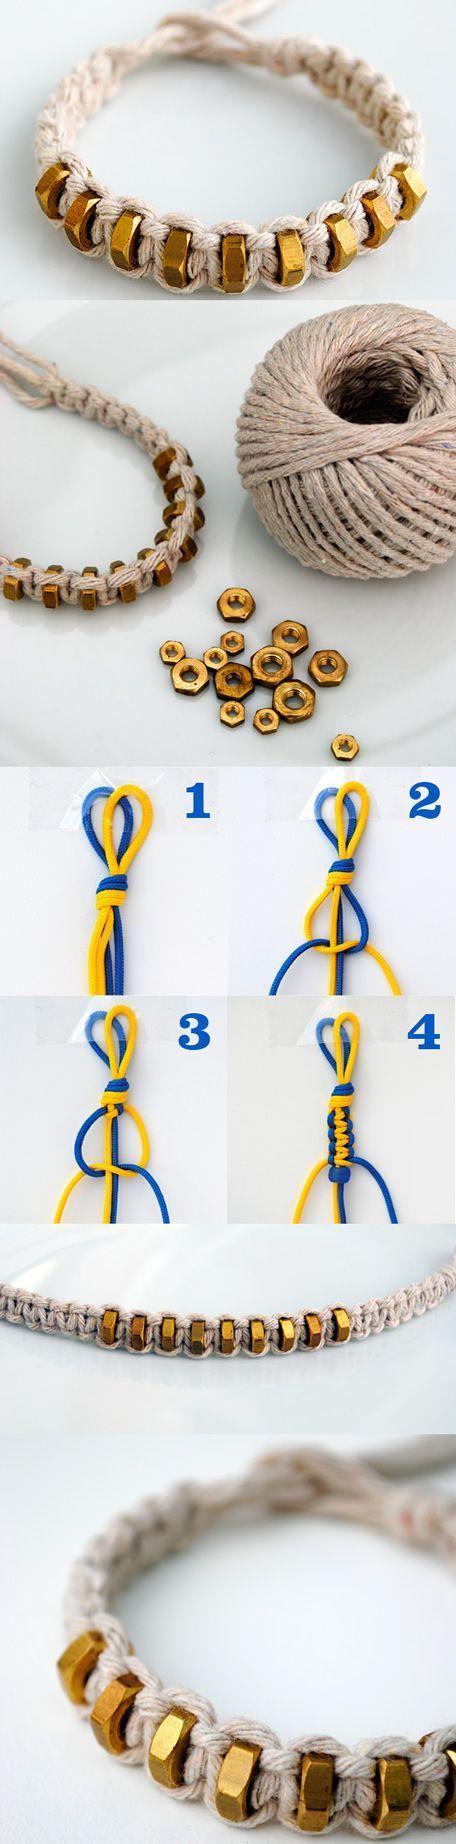 Hexnut Shamballa Bracelet DIY, step by step here  http://tech.beads.us/details-Hexnut-Shamballa-Bracelet-2975.html